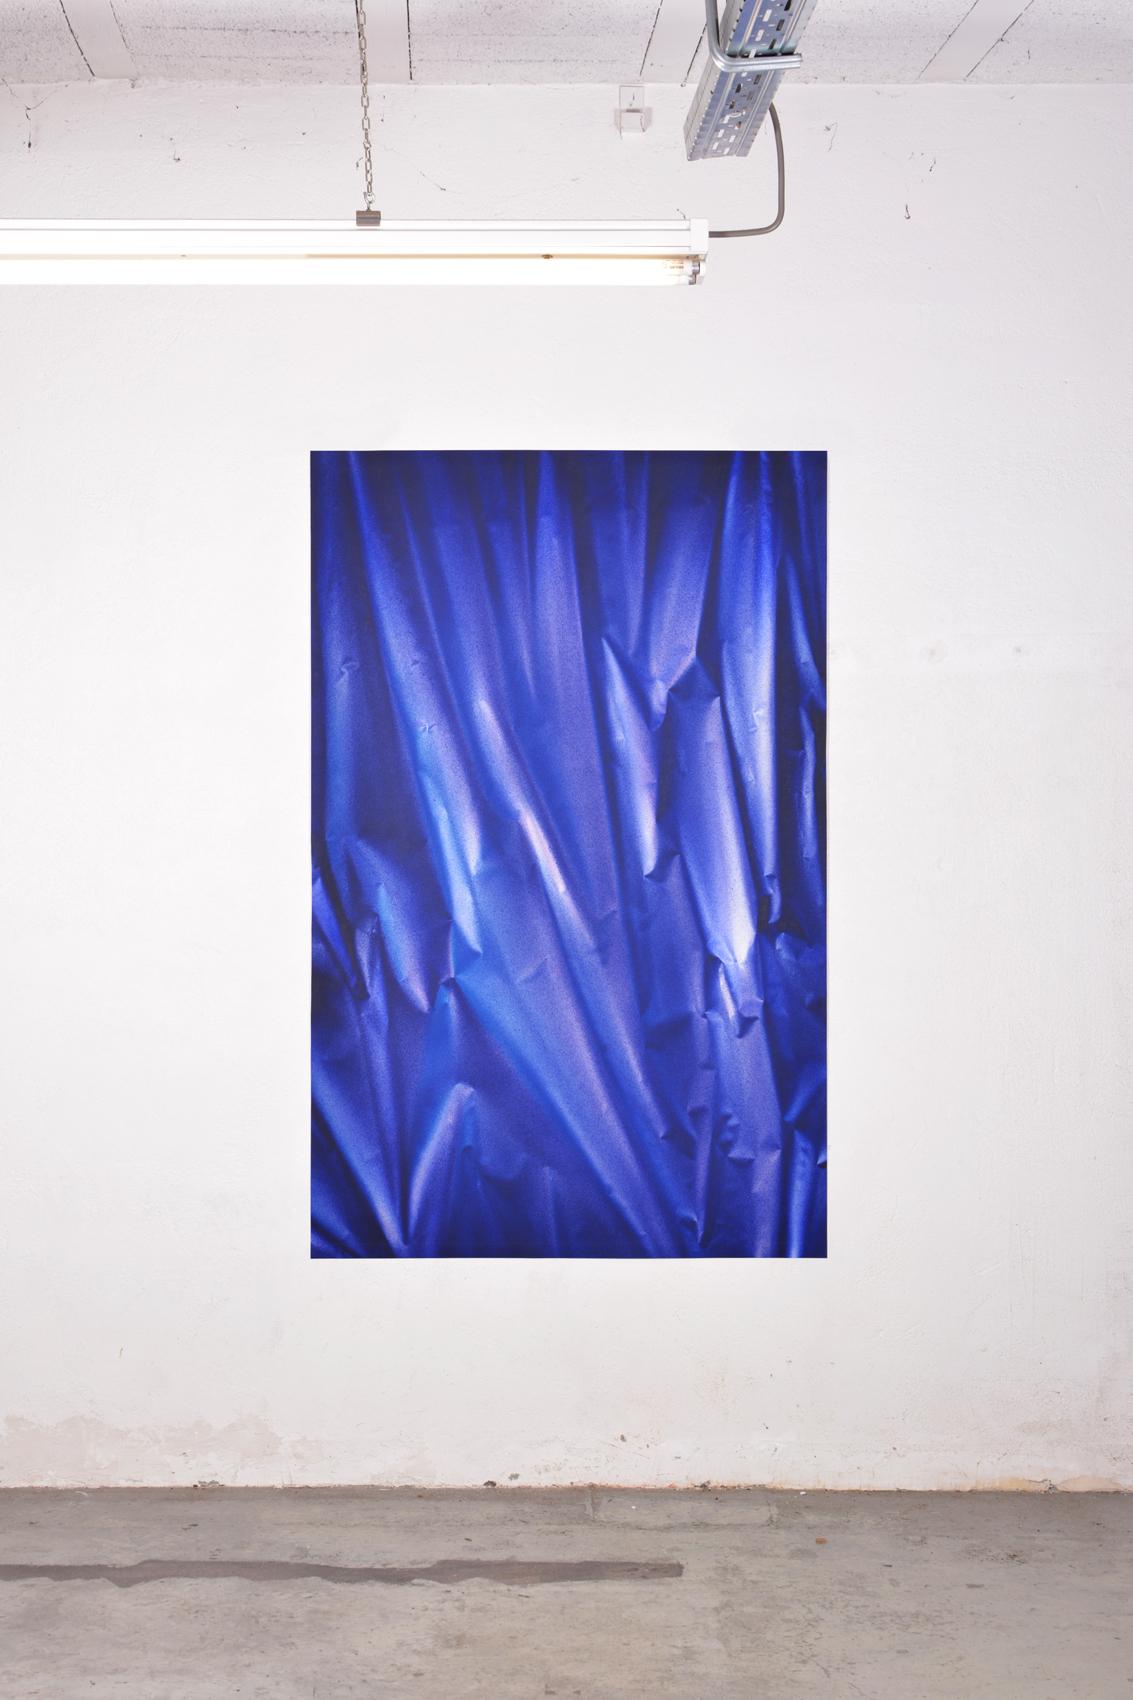 Serendipity _Double V Gallery_Marseille_19PF RBV 1 - Peinture acrylique, papier Arches, 115cm x 180cm 2019.jpg